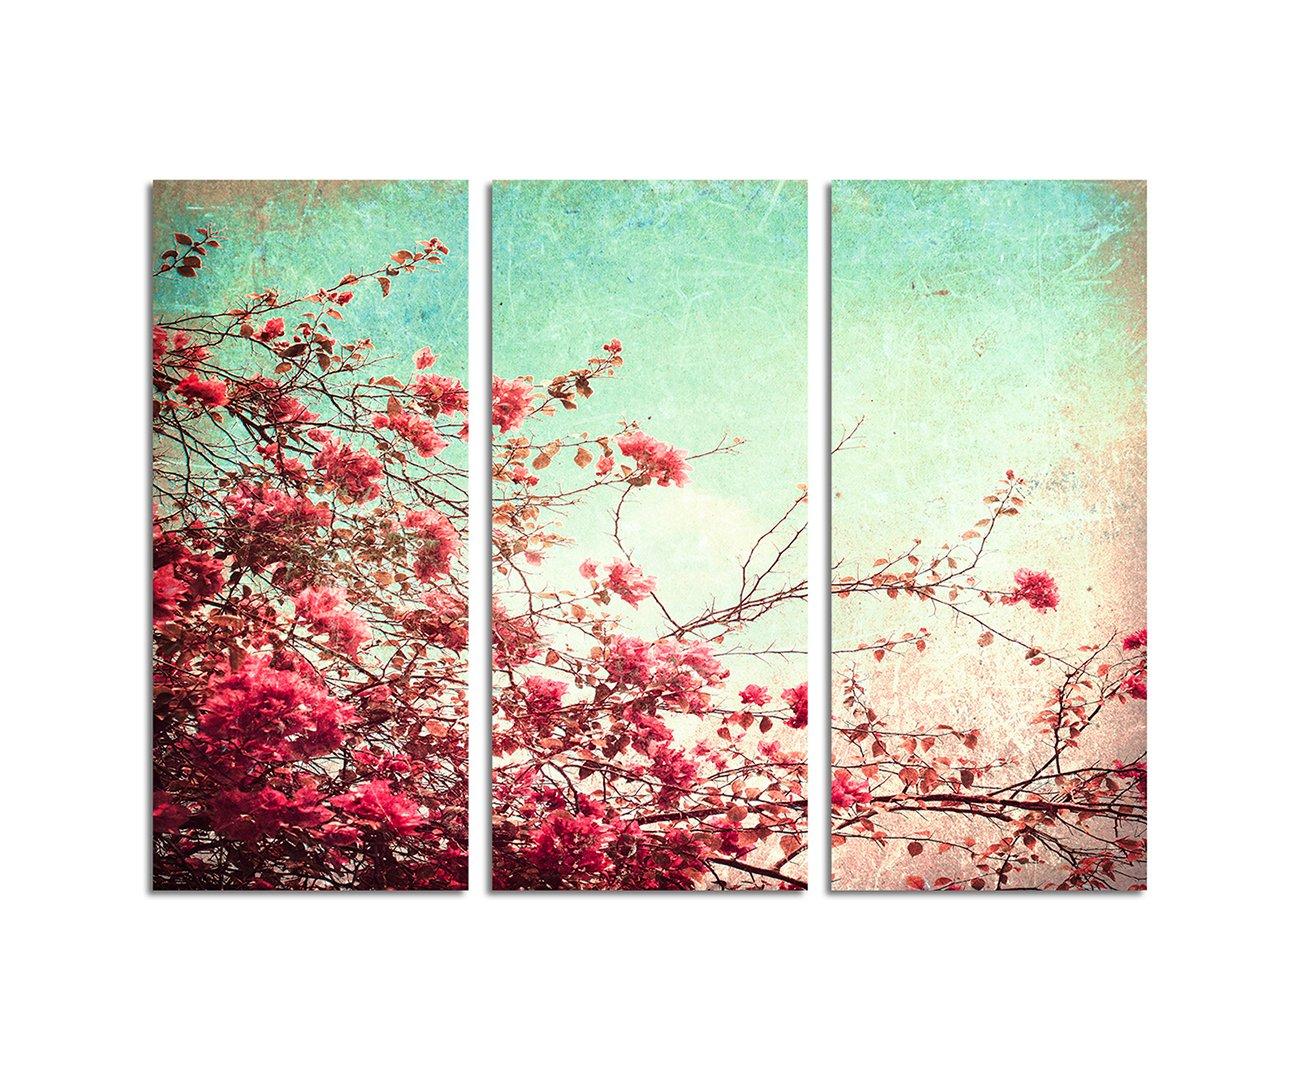 130x90cm – KUNSTDRUCK Blumen Vintage-Look altrosa 3teiliges Wandbild auf Leinwand und Keilrahmen - Fotobild Kunstdruck Artprint Paul Sinus Art